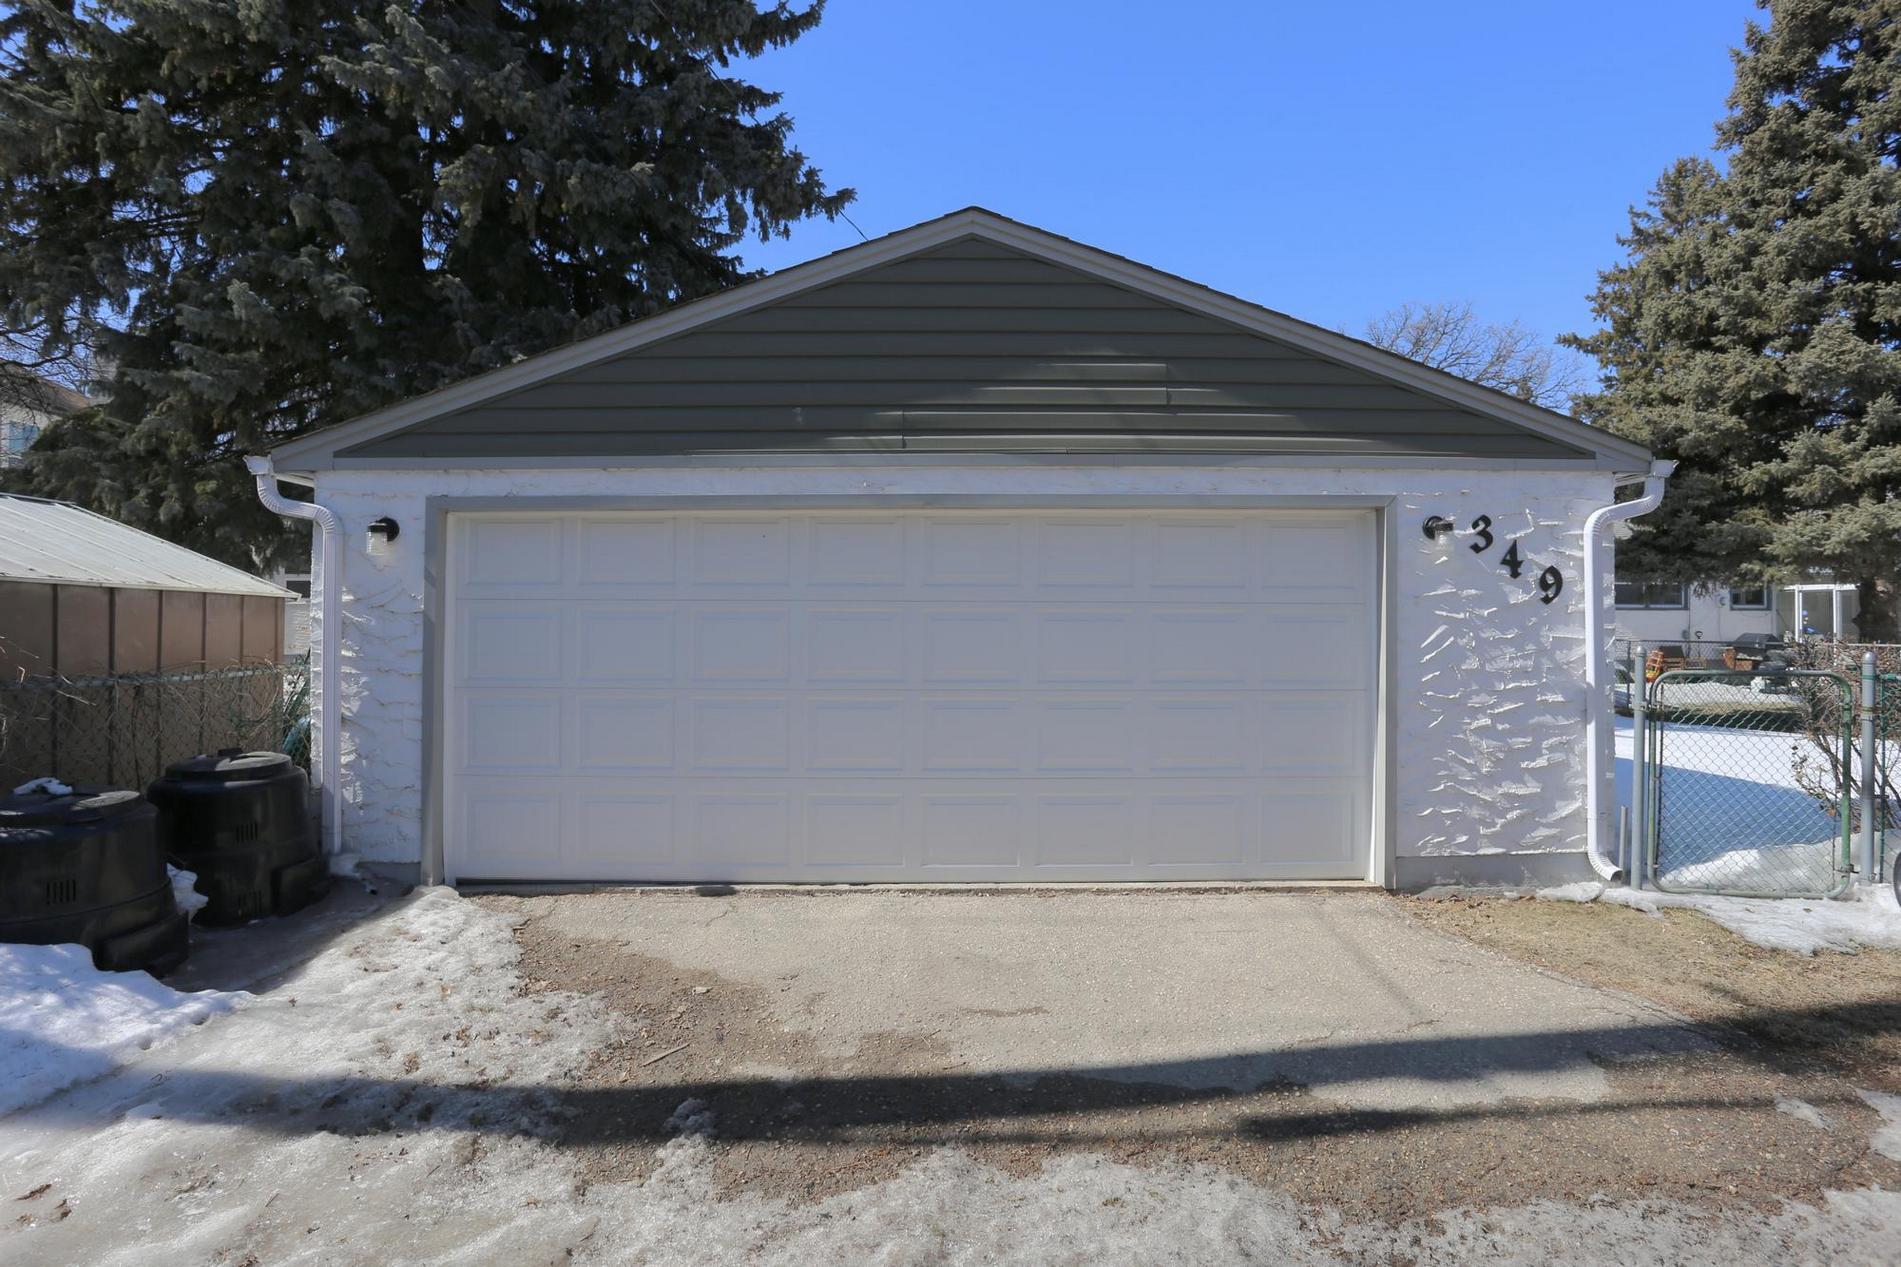 349 Guildford Street, Winnipeg, Manitoba  R3J 2J6 - Photo 30 - 1807654